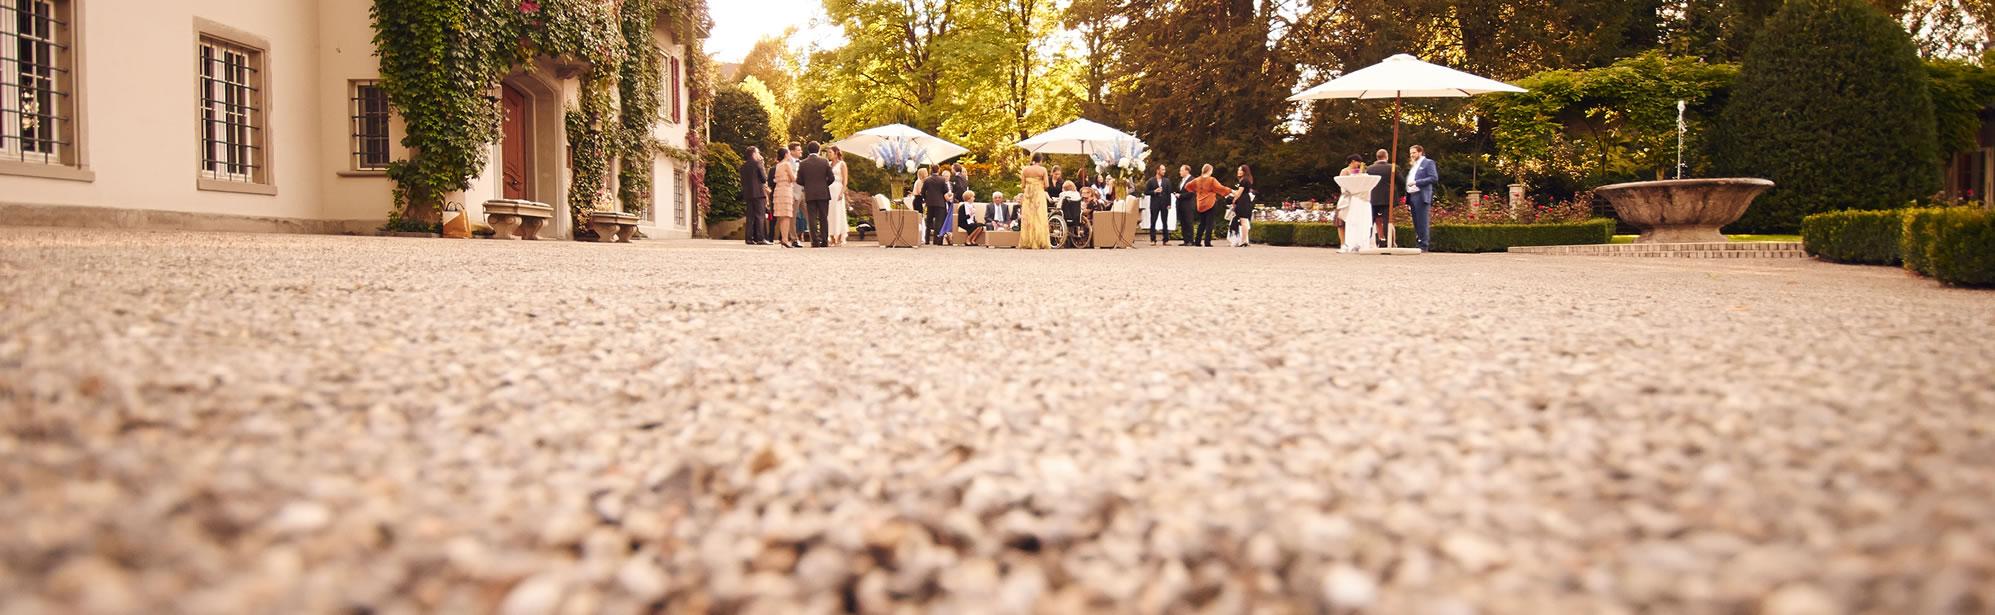 Menschen_Hochzeitsfest LilianLorenz3